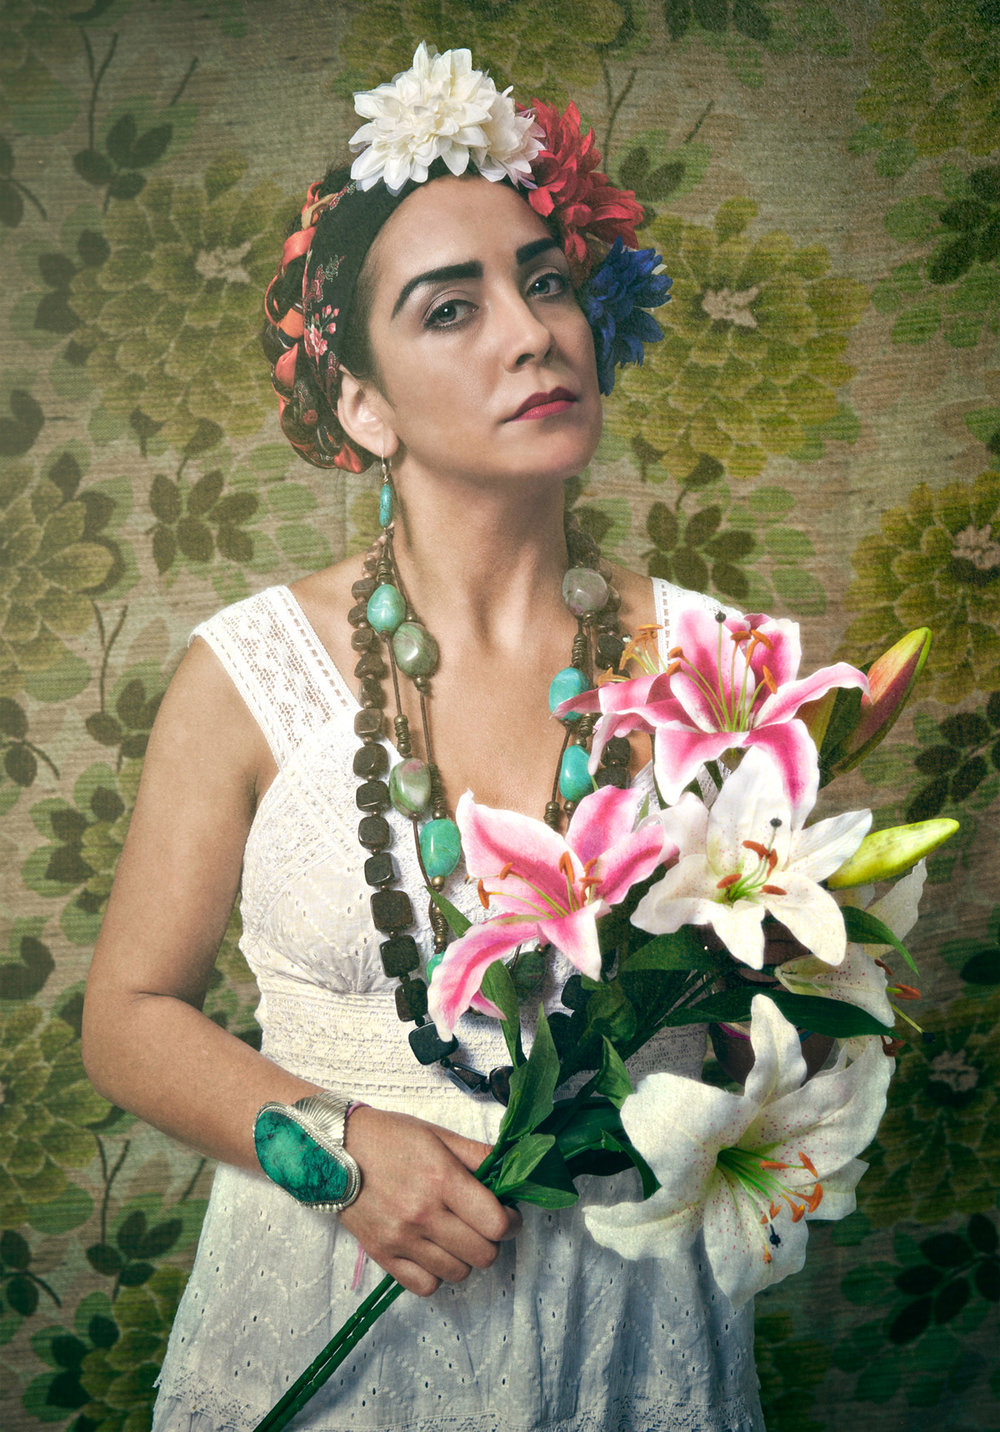 Make-Up, Hair & Styling: Fabrizia Conti -  www.fabriziaconti.blogspot.com   Model: Jennifer M.